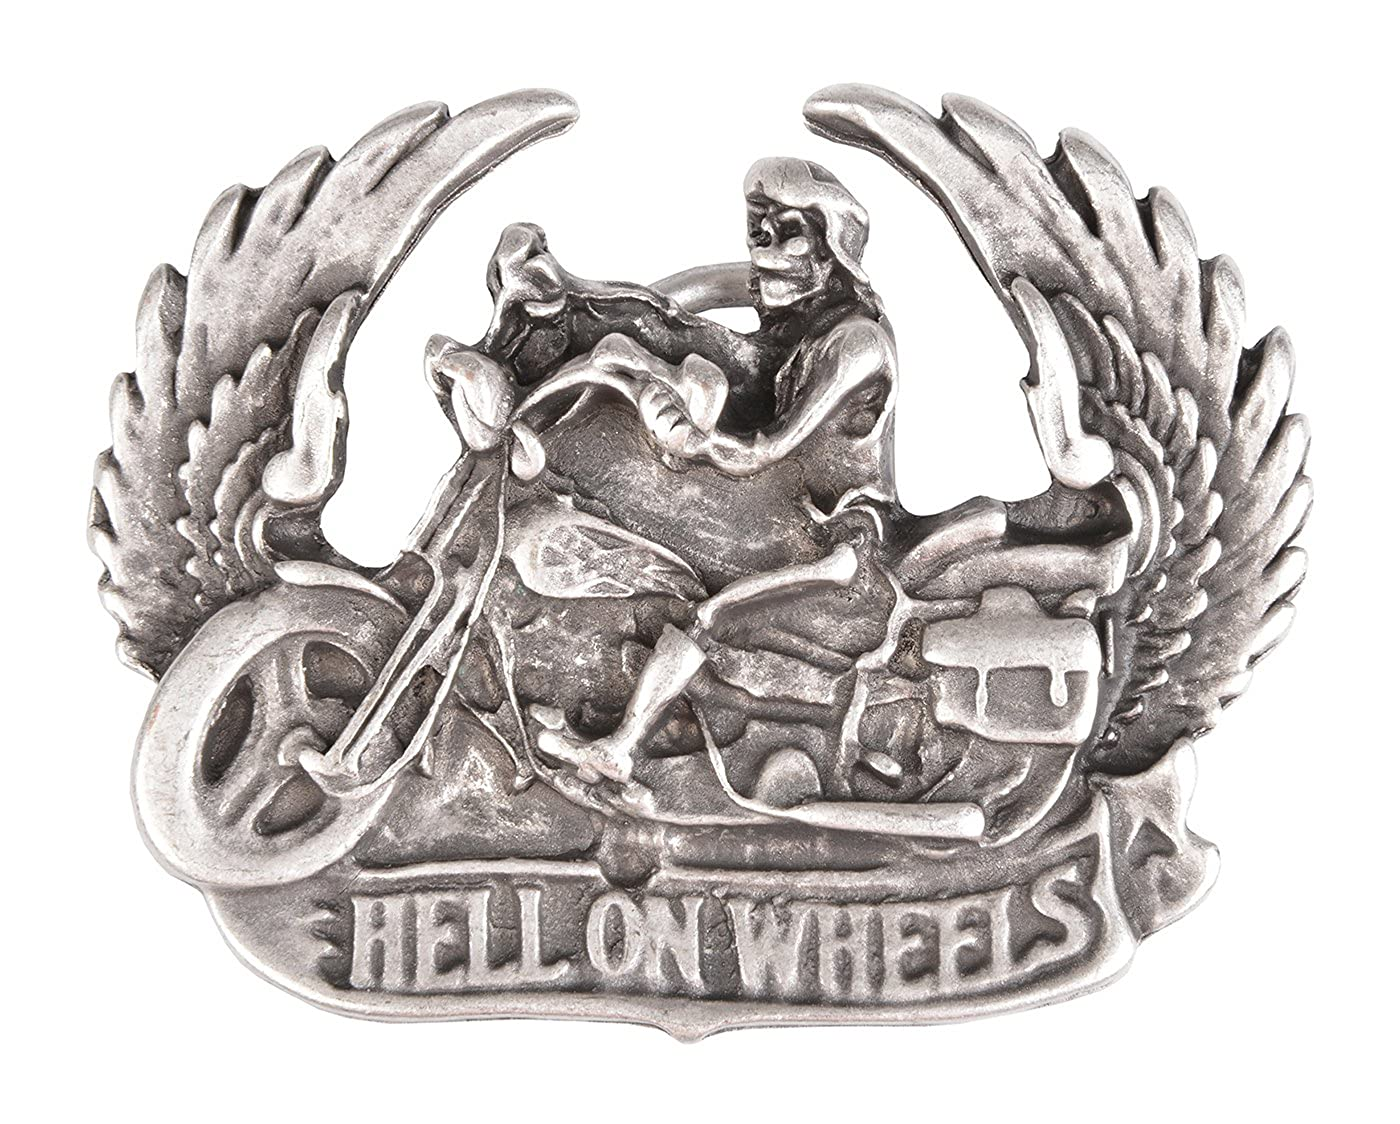 Biker Gü rtel-Schnalle Hell on wheels Gü rtelschließ e Wechsel-Schliesse Geburtstag-Geschenk Accessoire 7, 7 x 6, 2 cm 40 mm